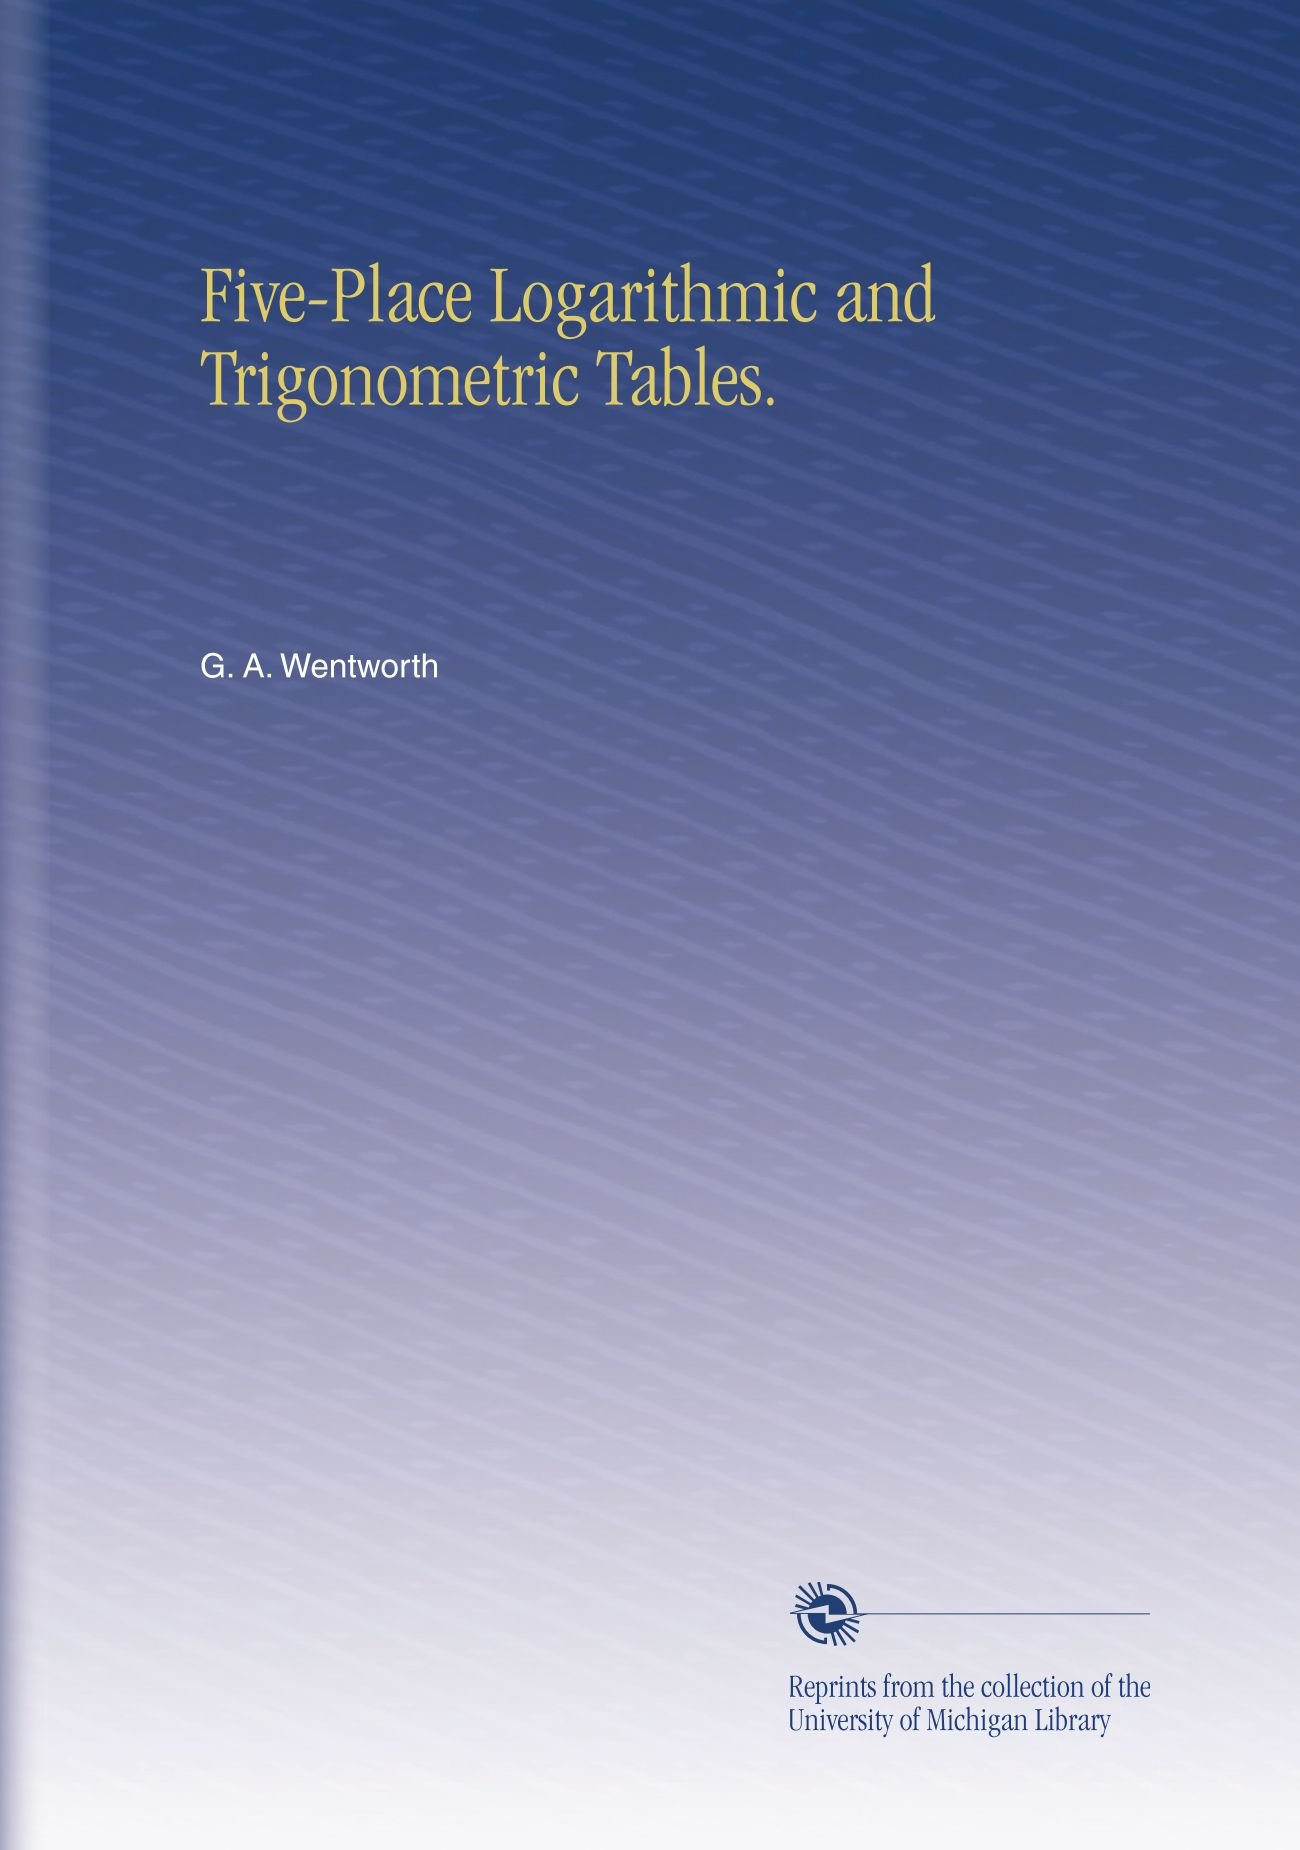 Five-Place Logarithmic and Trigonometric Tables. pdf